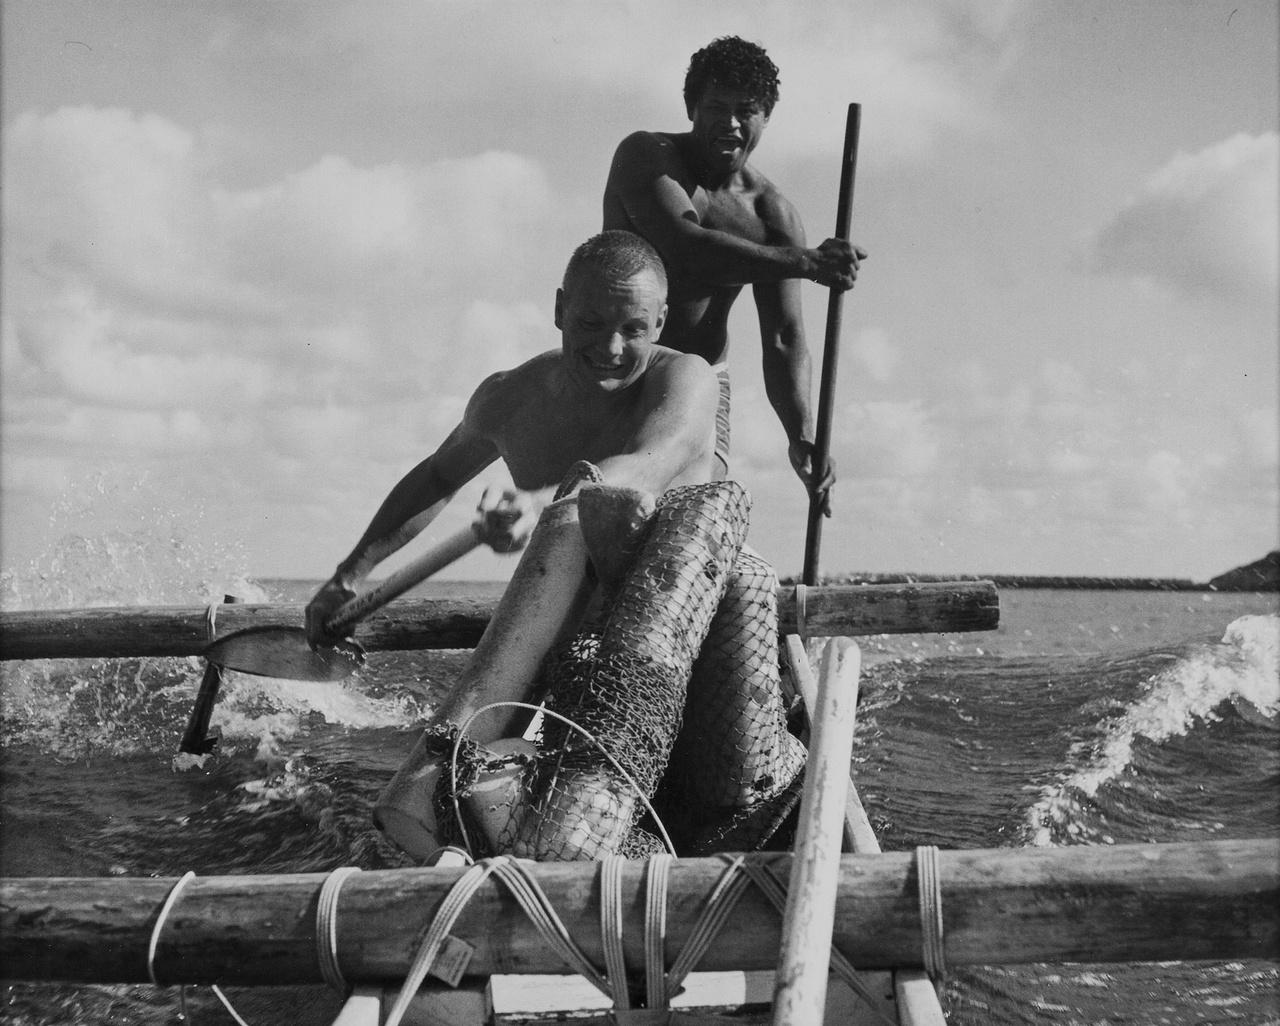 Armstrong egy katamarán csónakon evez szemmel láthatóan teljes erőbedobással.